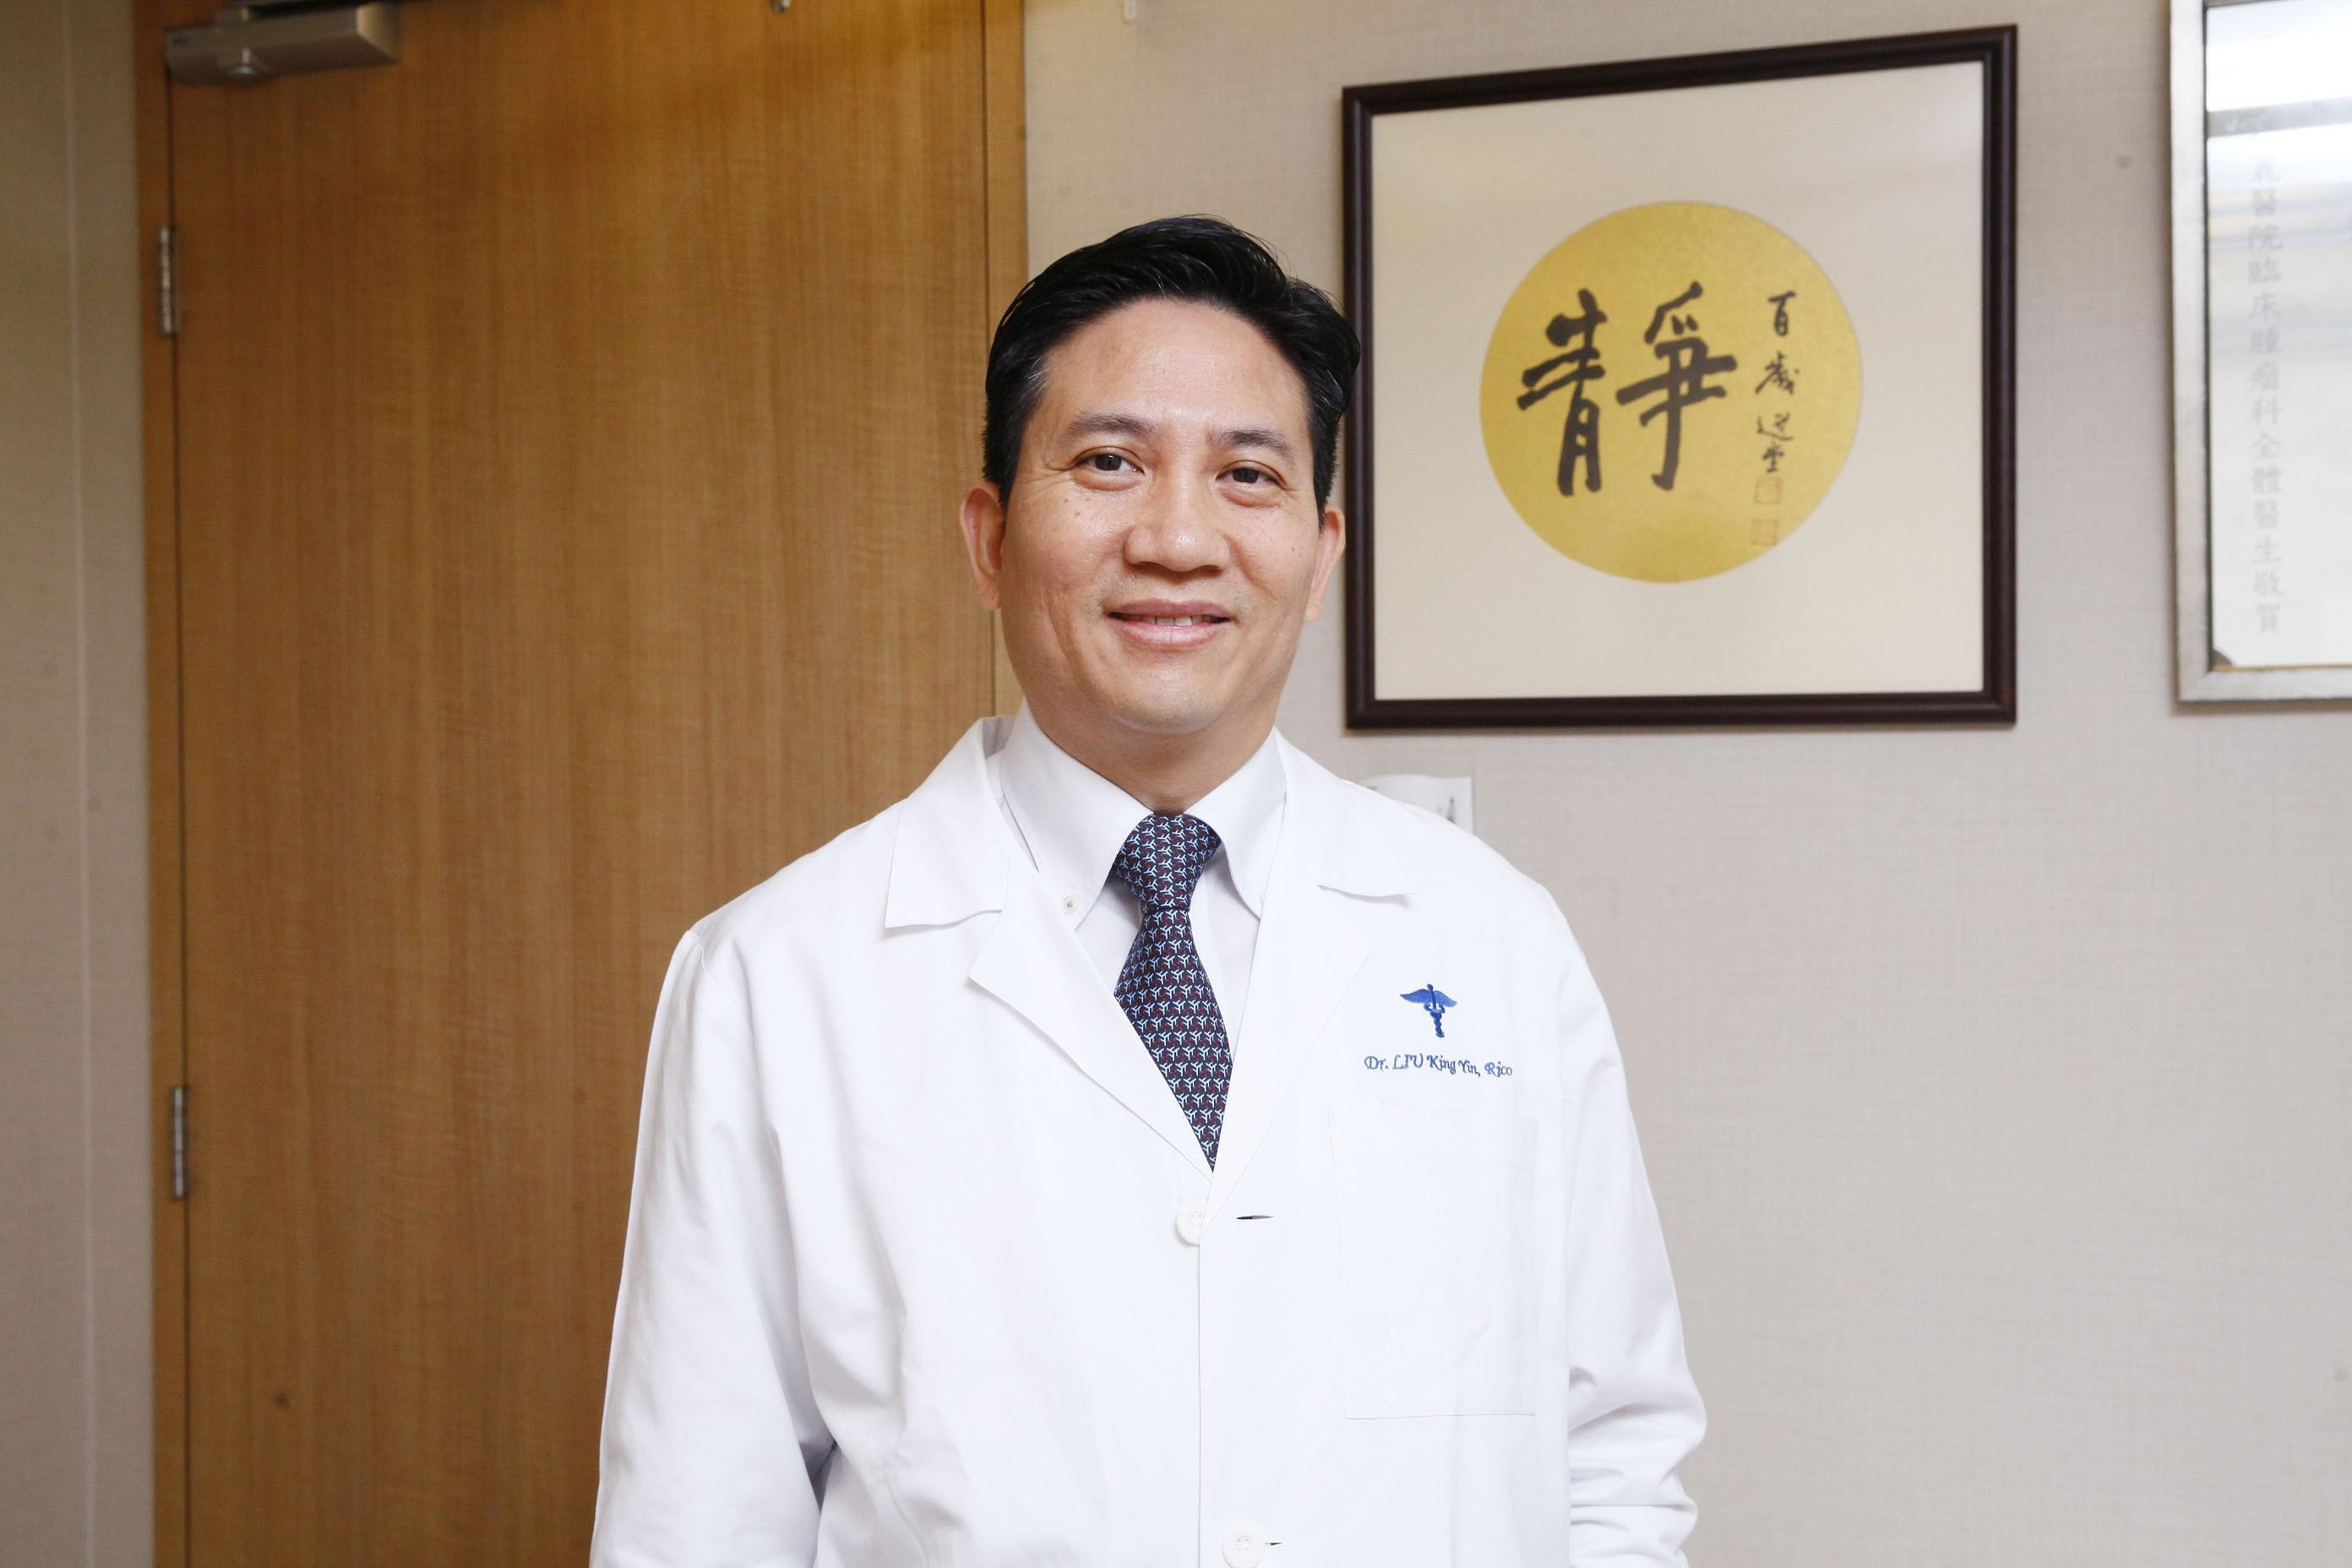 廖敬賢醫生